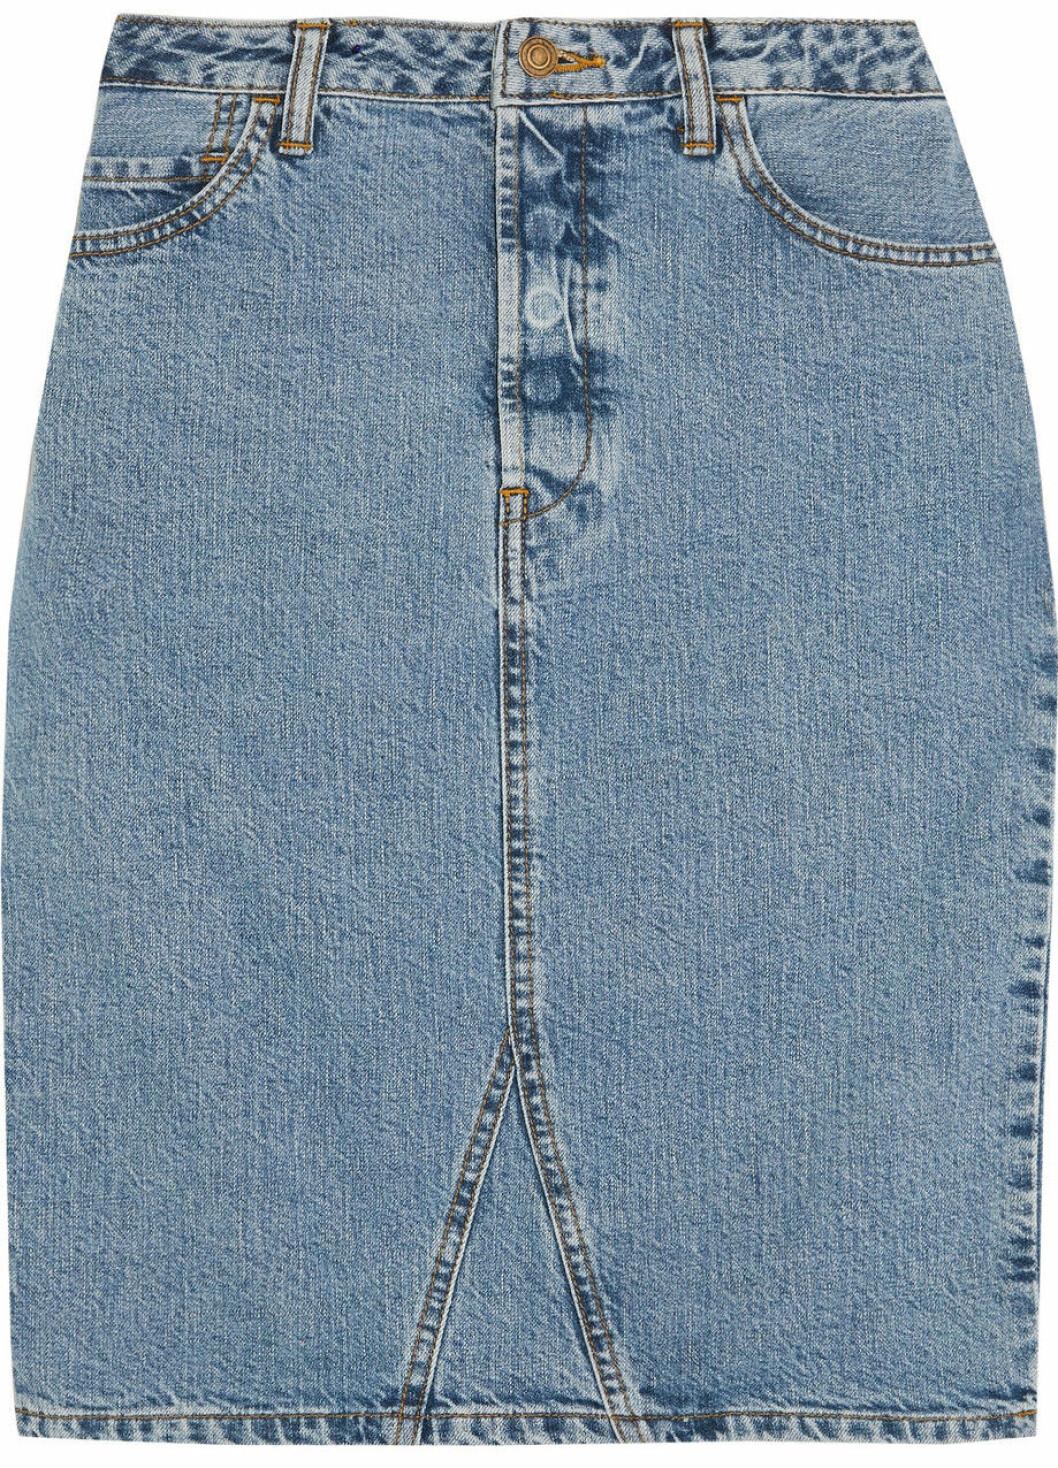 jeanskjol outfit klassisk